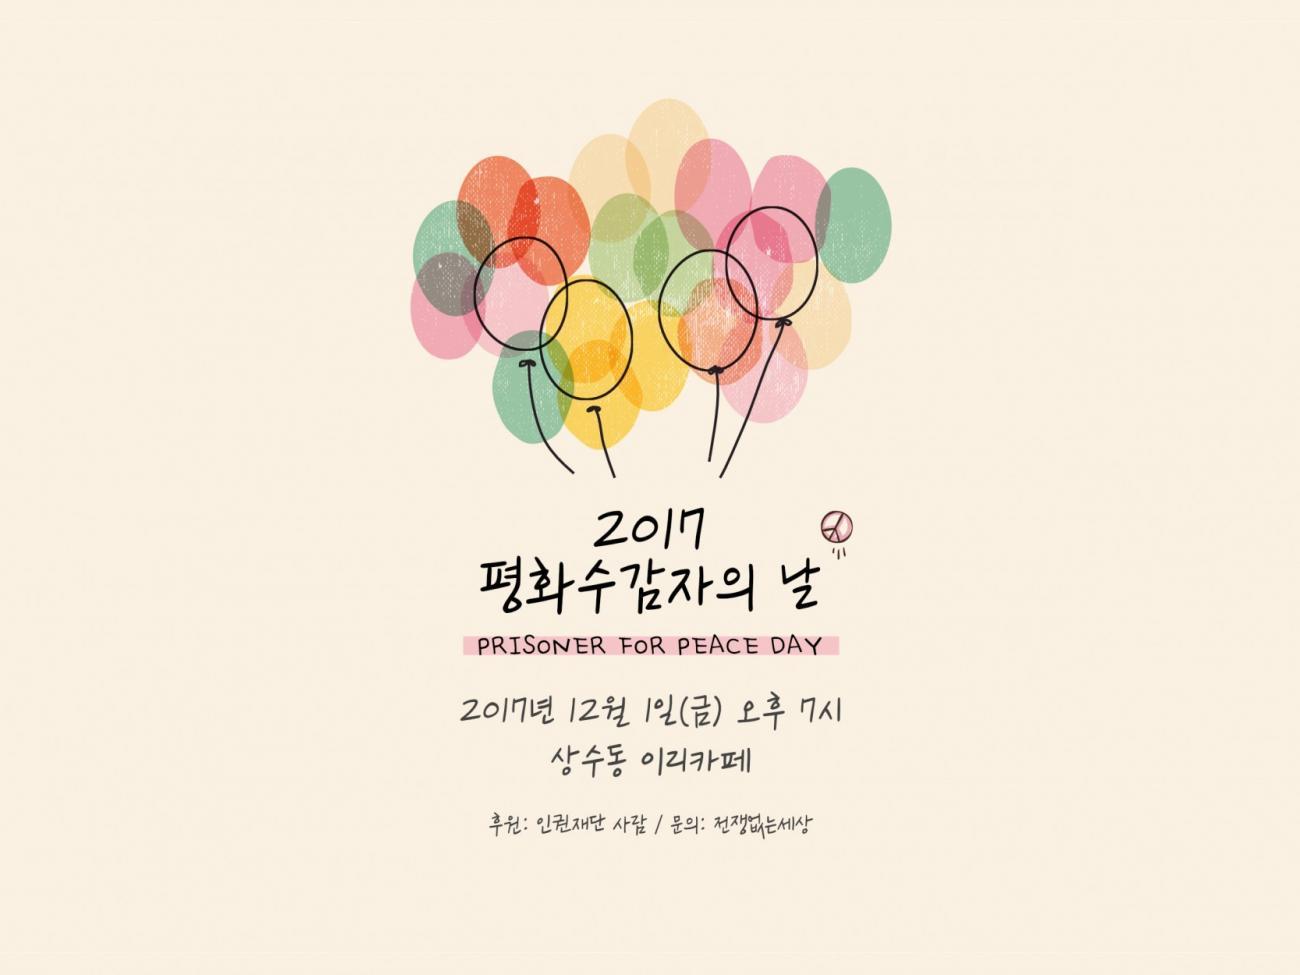 Rauhanvankipäivän juliste Etelä-Koreasta